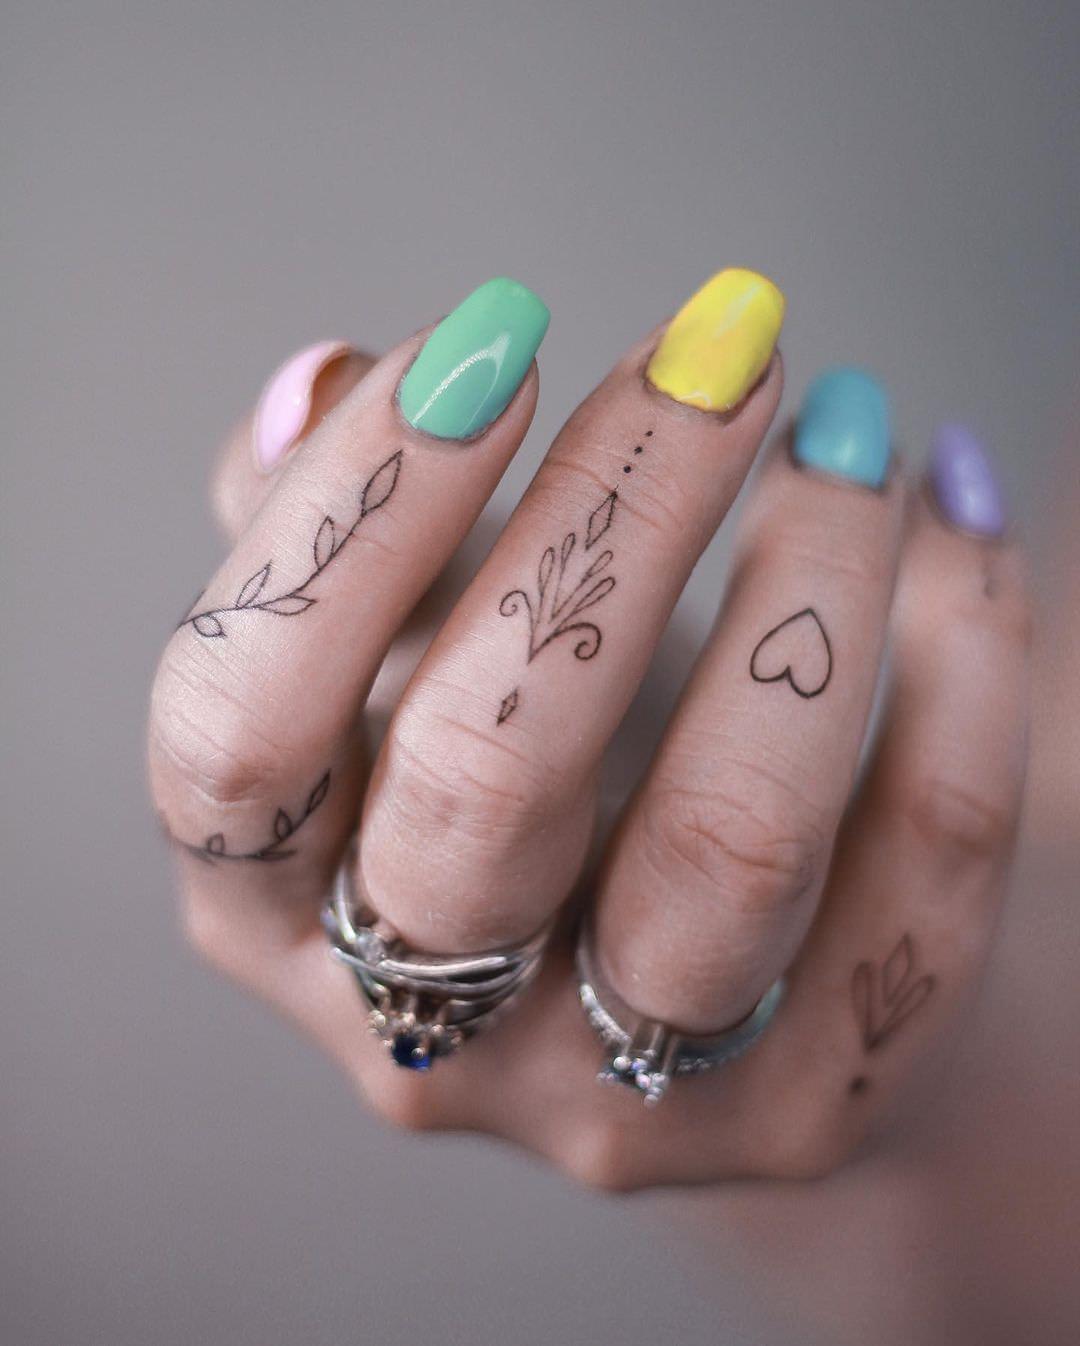 asiamadziala_tattoo_117726537_123409839162657_4666383420571903840_n